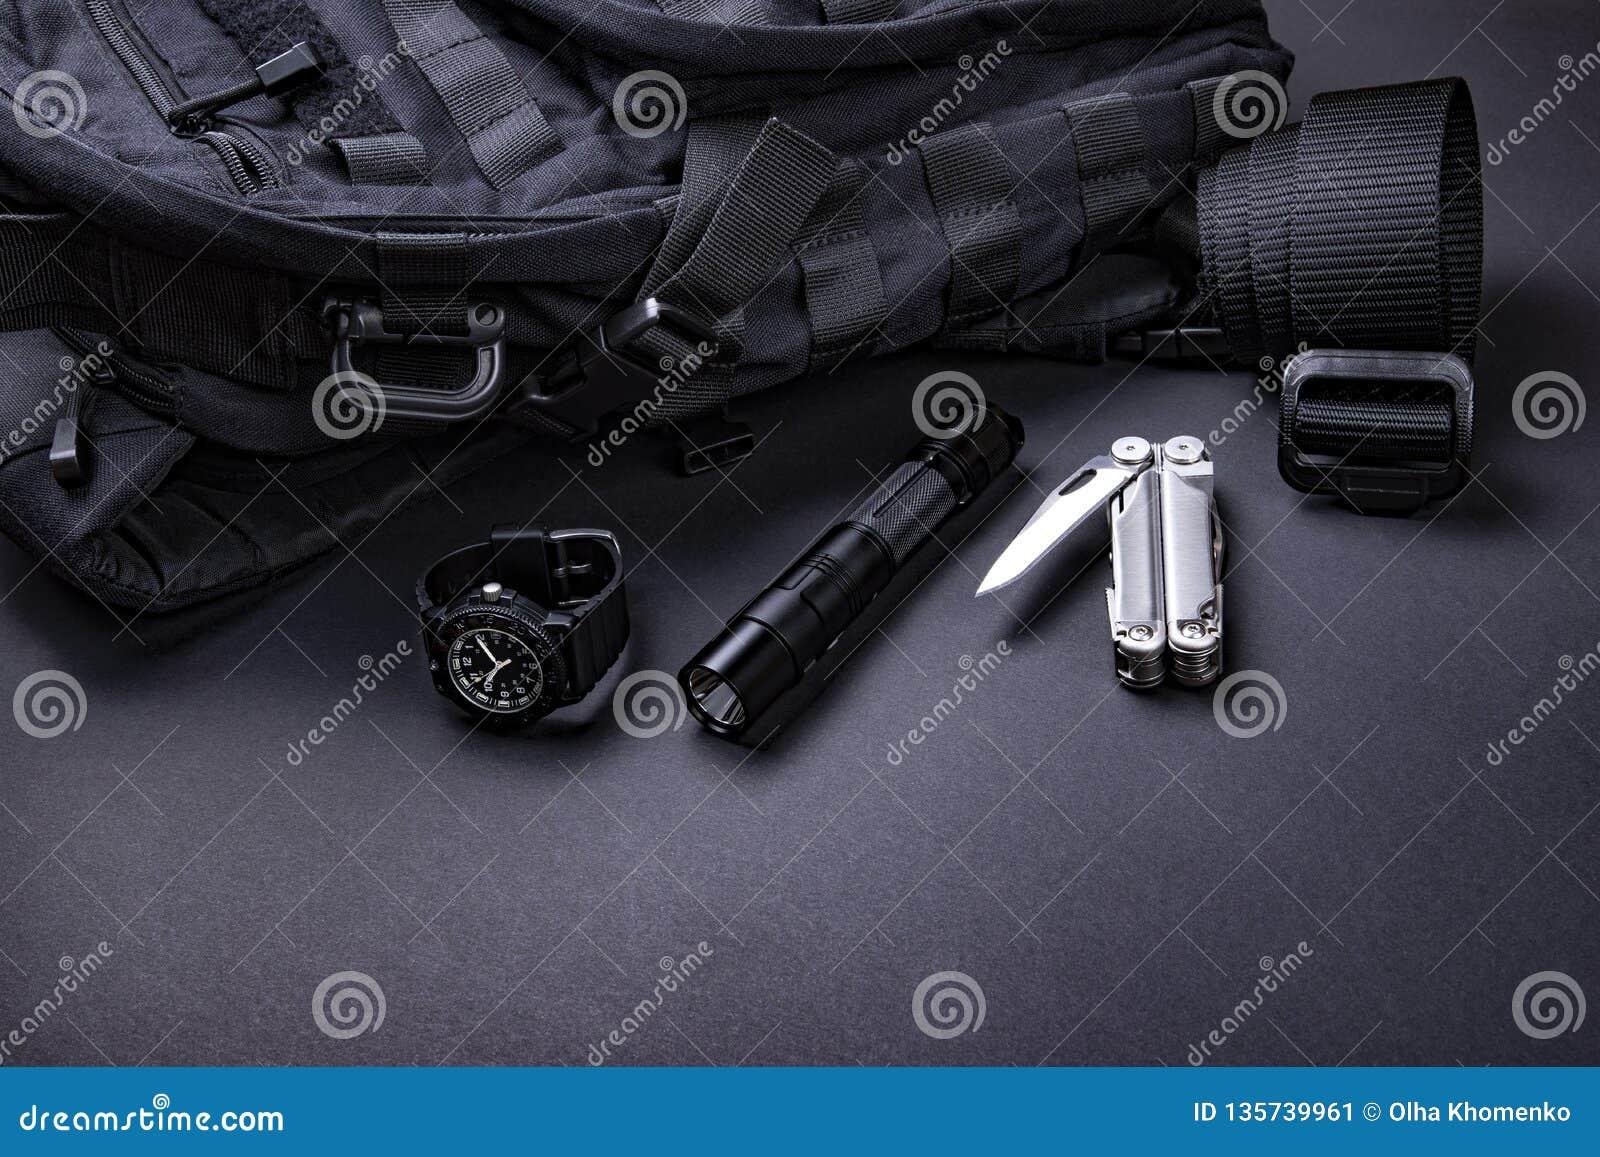 Draag EDC elke dag punten voor mensen in zwarte kleur - rugzak, tactische riem, flitslicht, horloge en verzilver multihulpmiddel